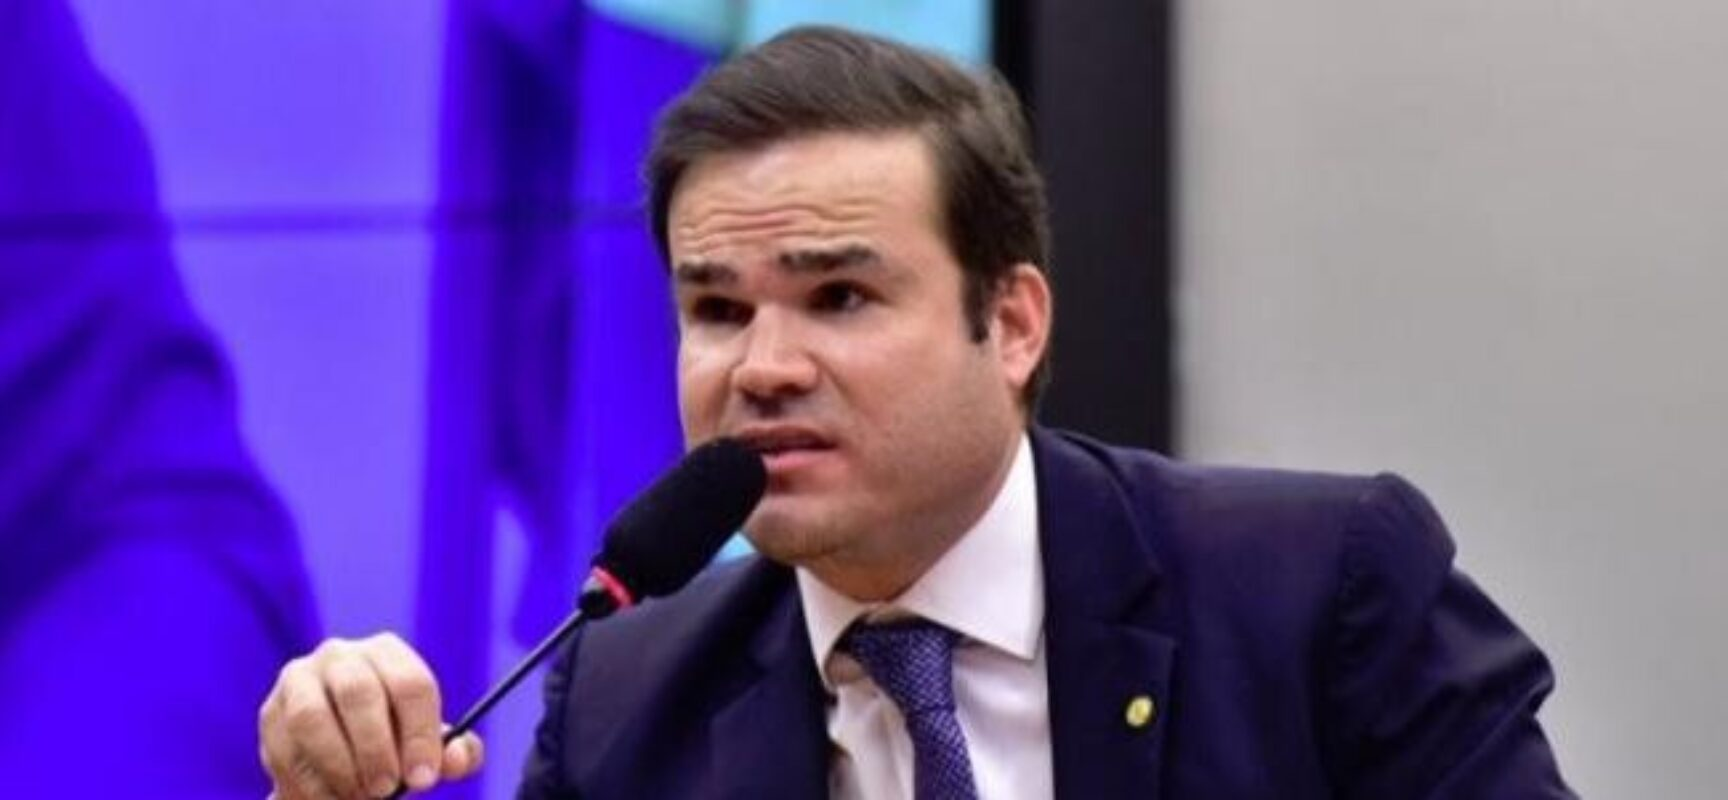 Pré-candidatura de João Leão está sendo construída, diz Cacá Leão sobre PP em cabeça de chapa